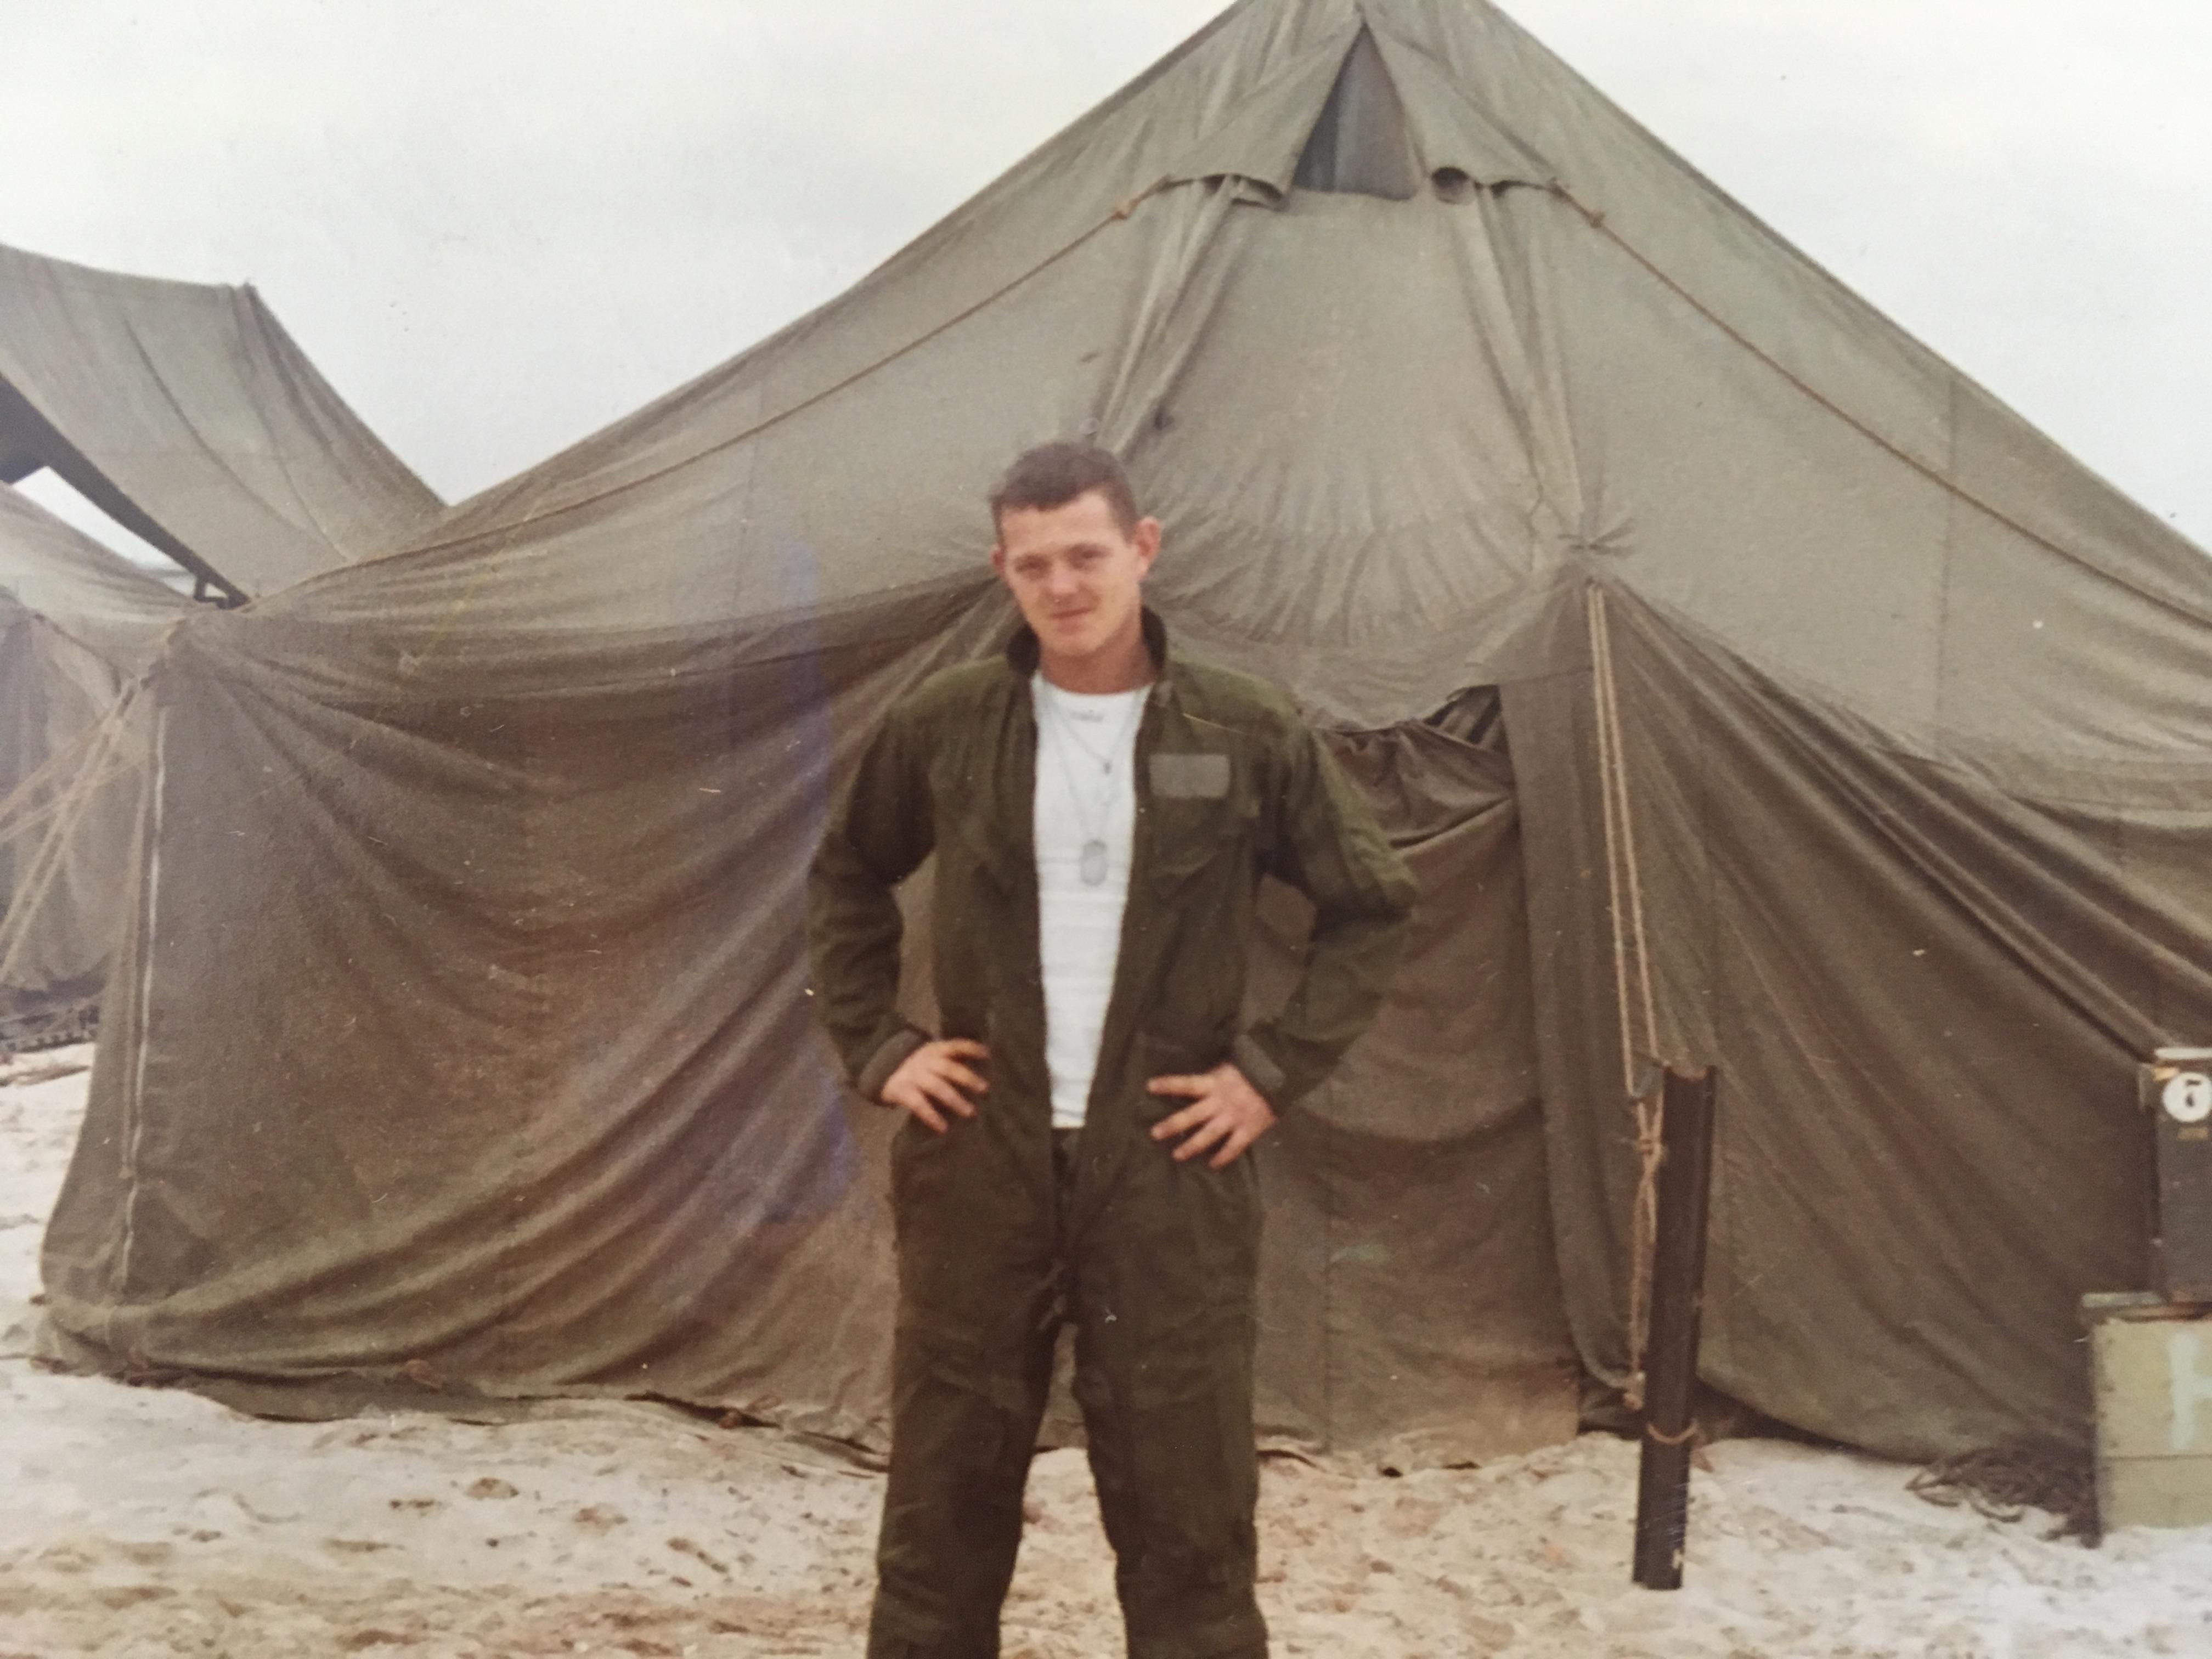 bernie in Vietnam standing in front of a tent